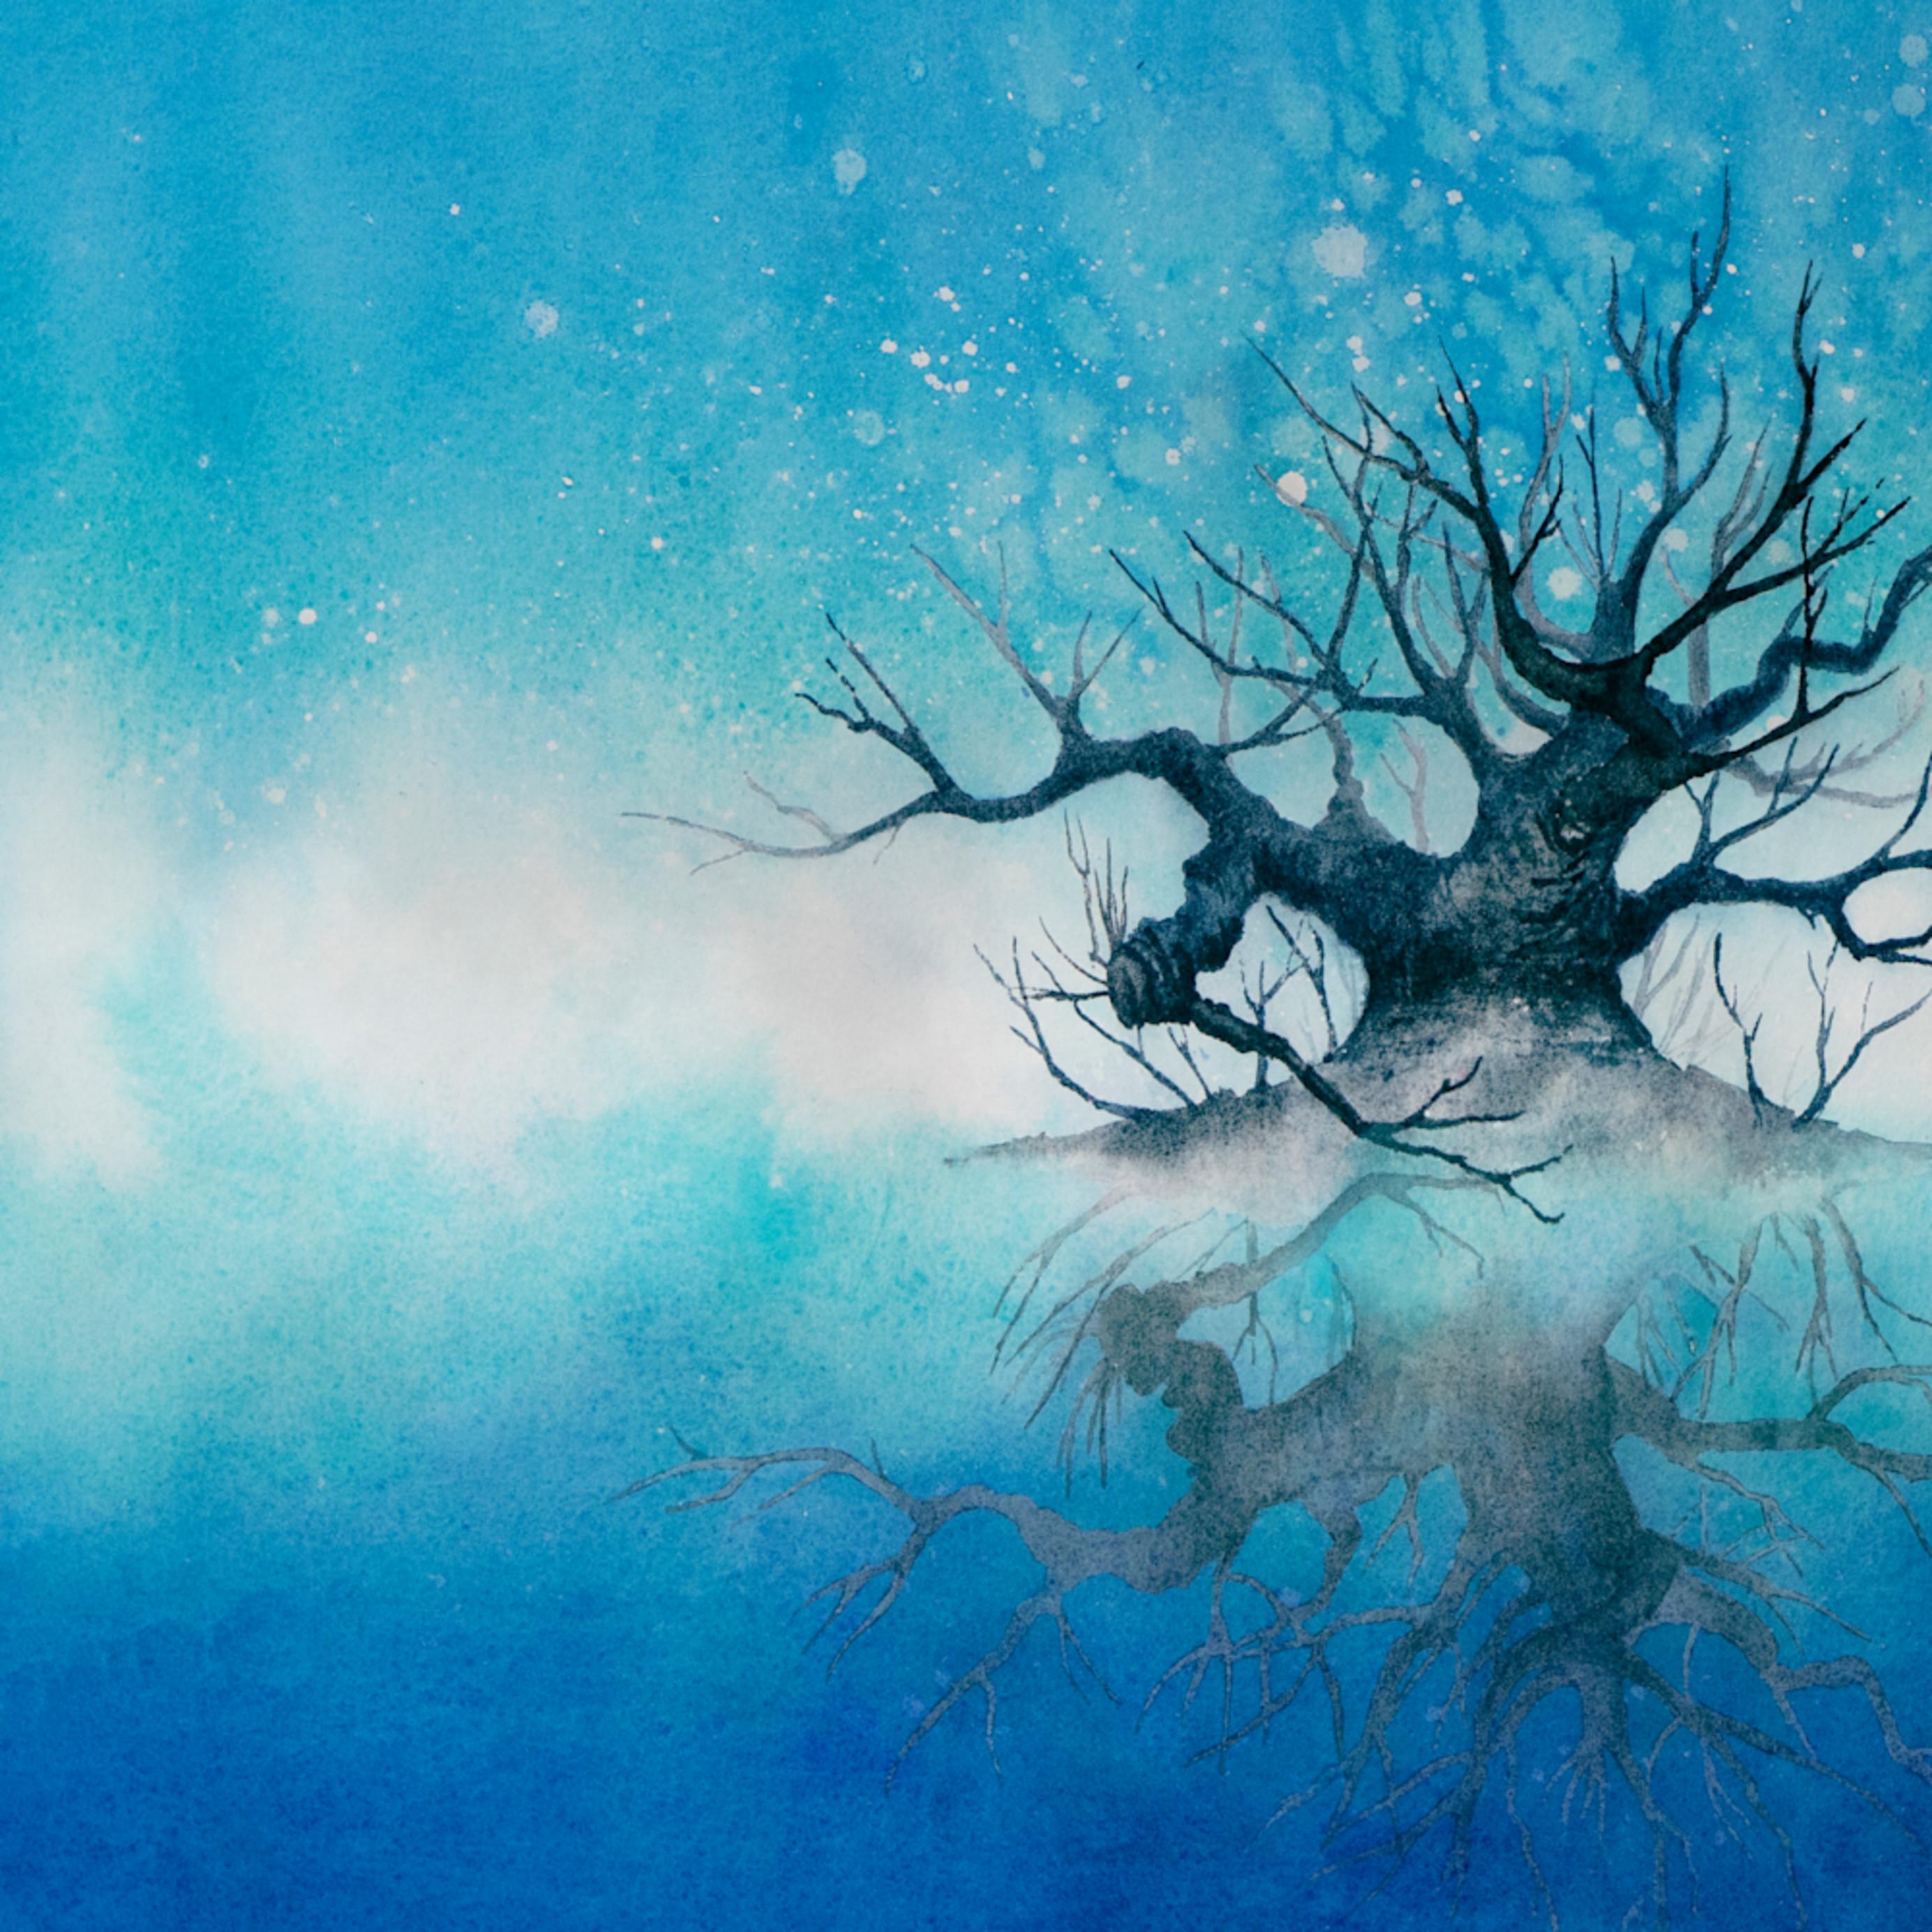 Treeprint xi0slh